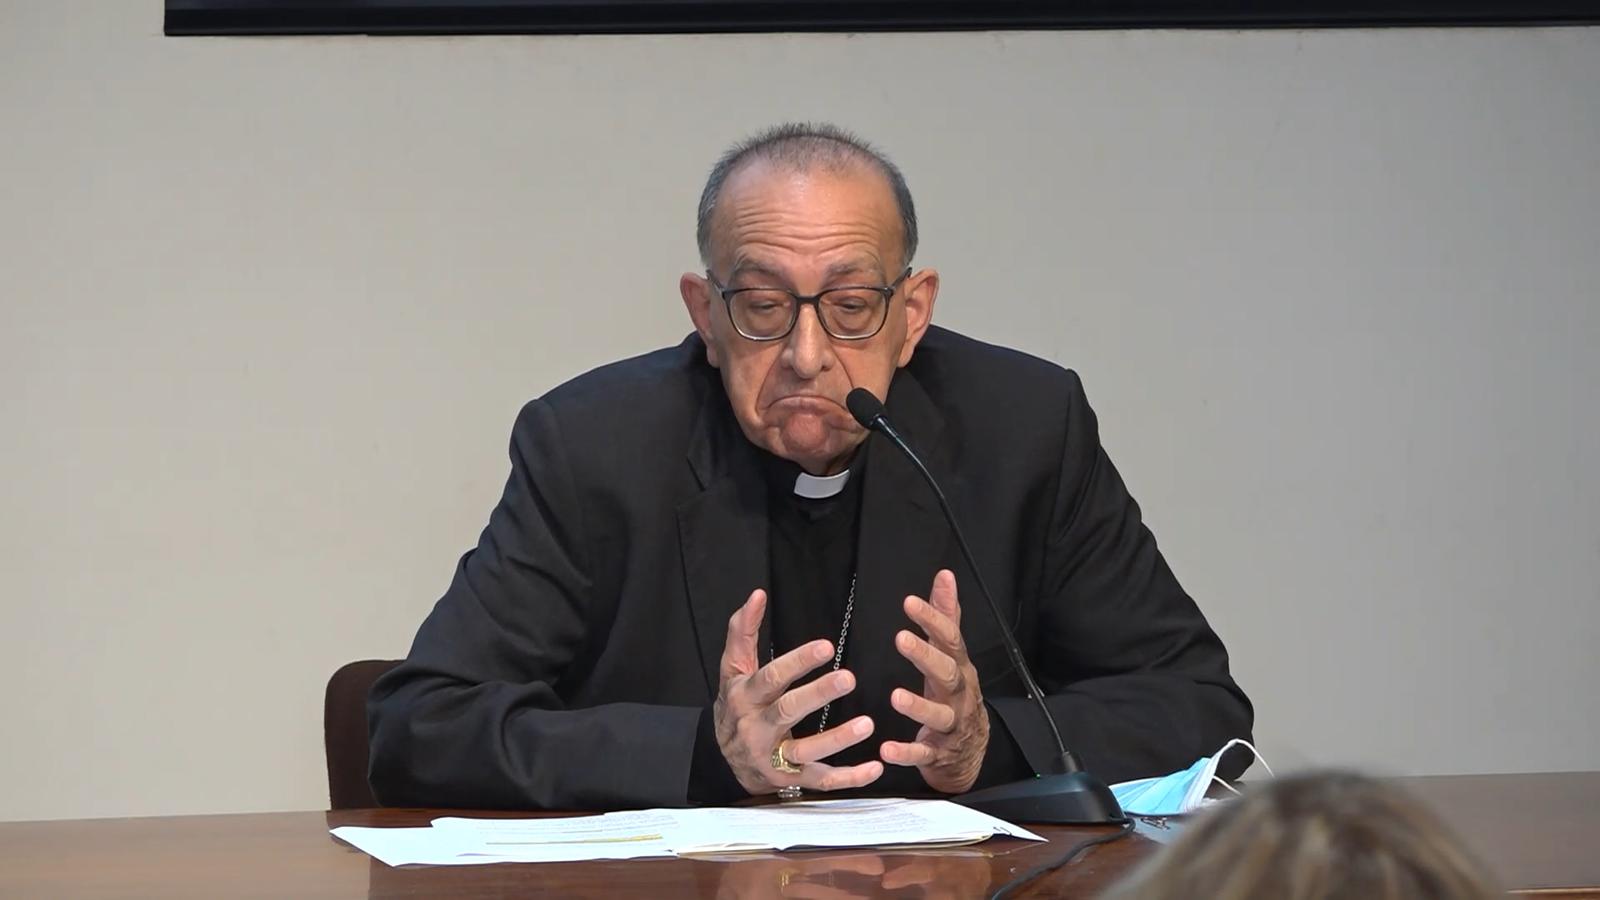 """Omella respon la germana de Turull: """"Només visito les presons de la meva diòcesi"""""""